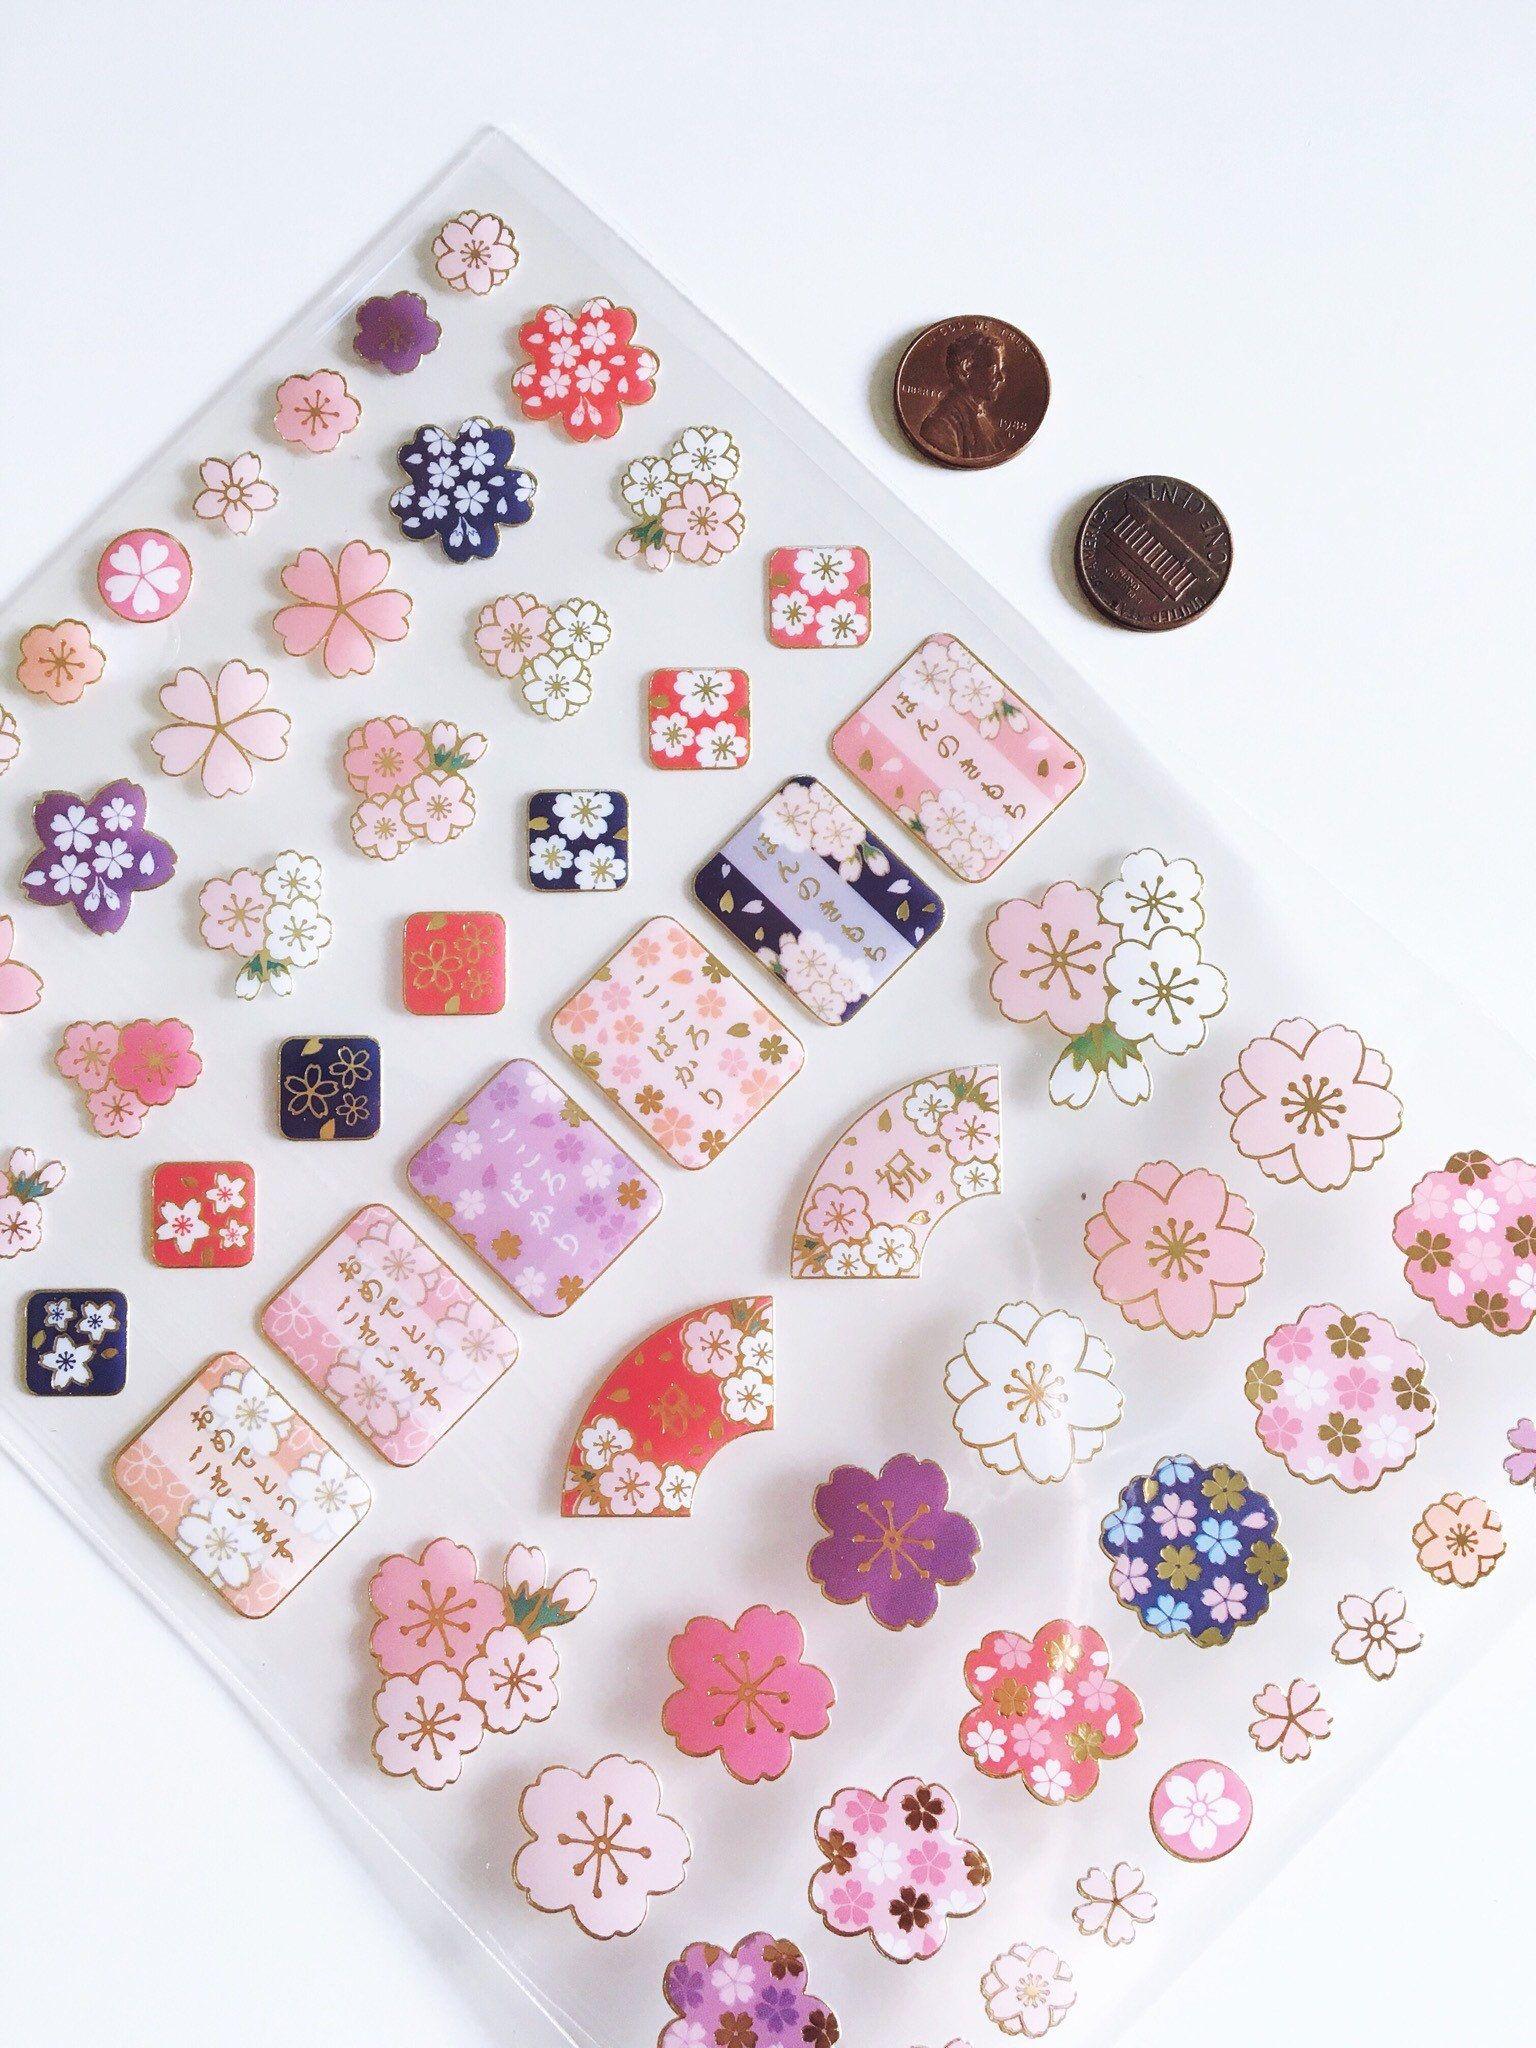 Sakura Ville Japanese Style Cherry Blossom Stickers 1 Sheet Sakura Cherry Blossom Print Stickers